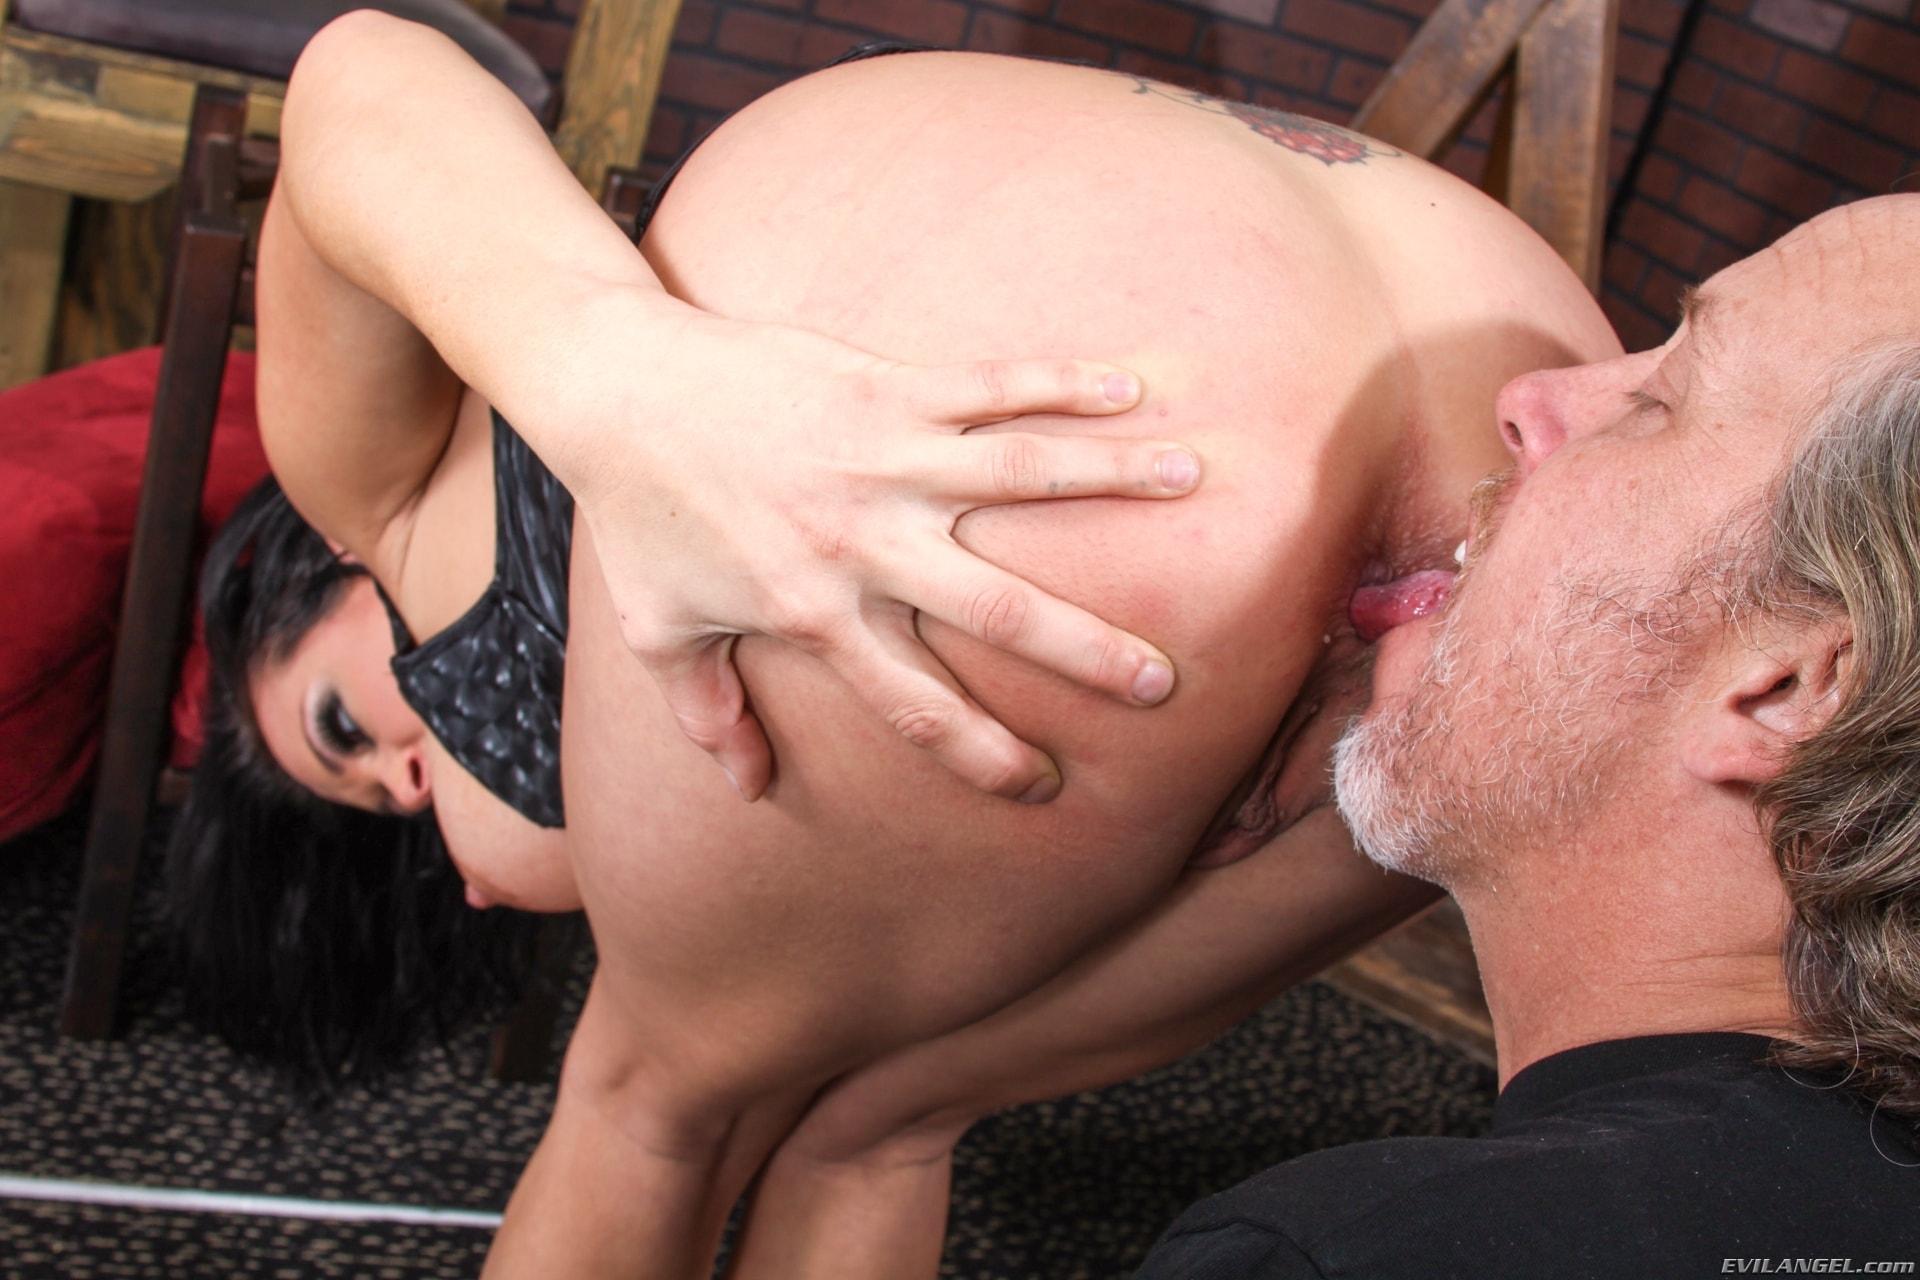 Bbw ass licking porn pics